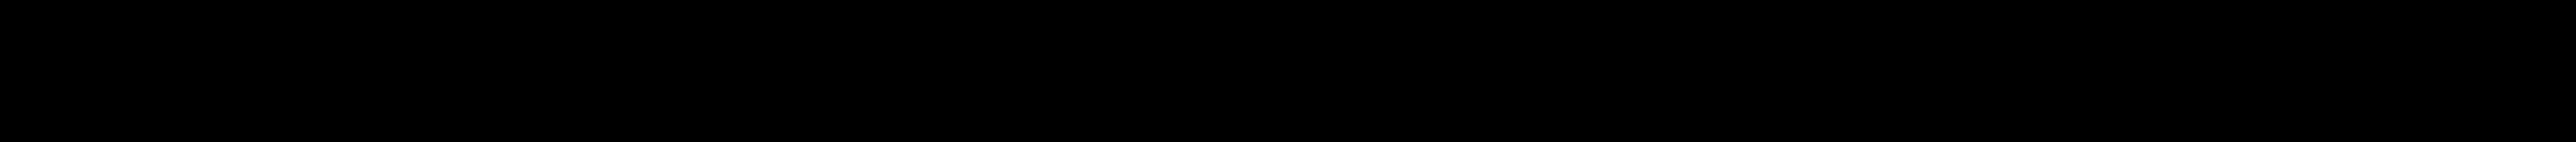 Logo Strandvägskajen - @strandvagskajen - strandvagkajen.com